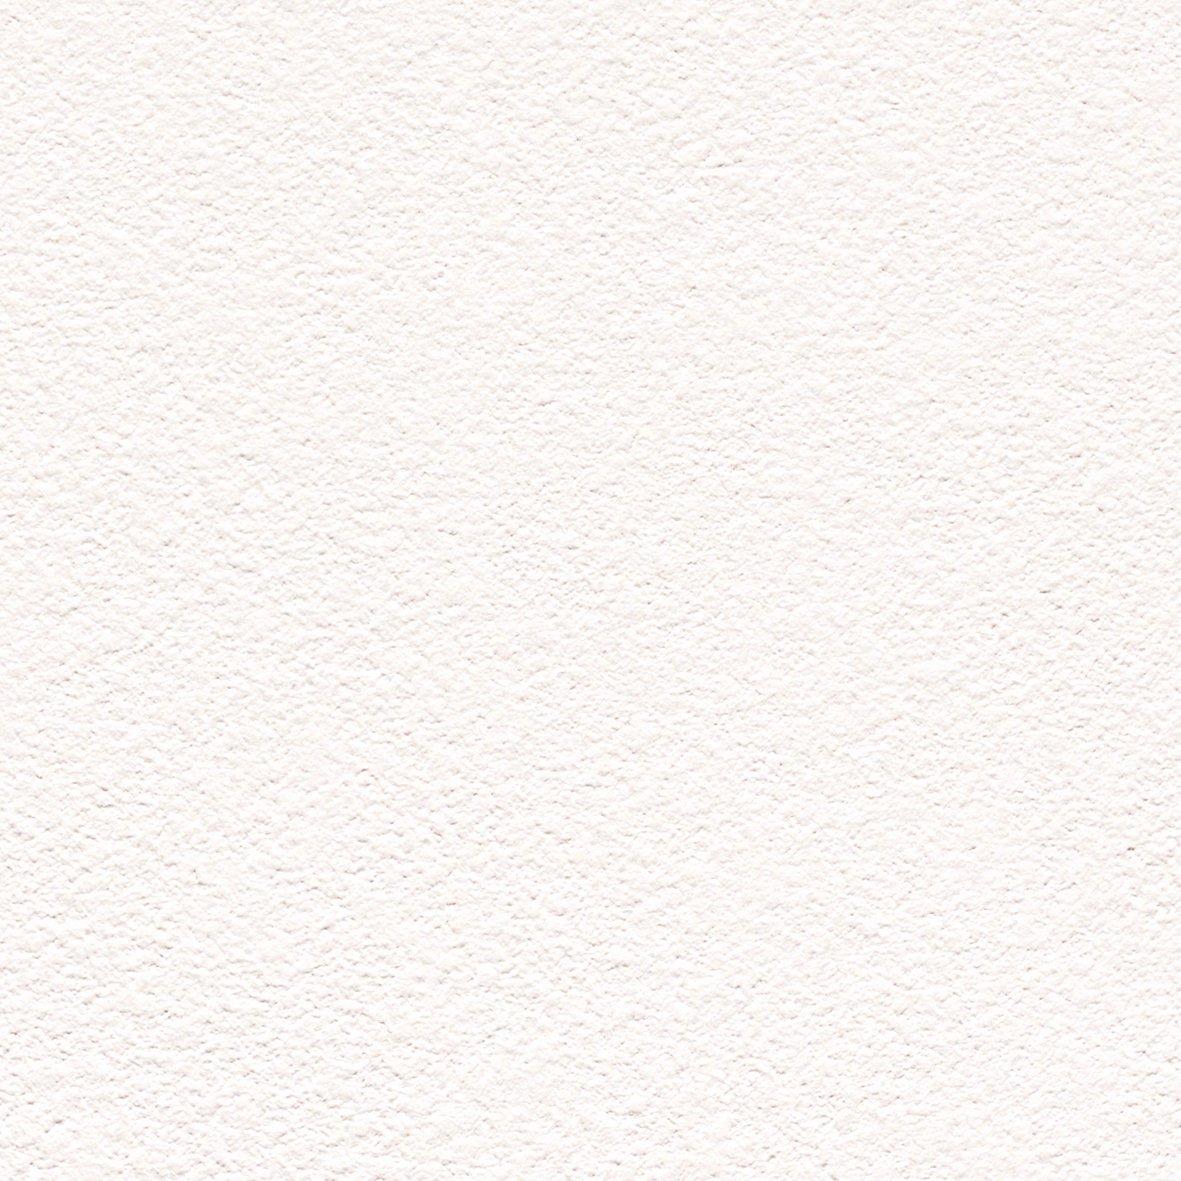 リリカラ 壁紙45m シンフル 石目調 ホワイト 石目調 LB-9041 B01IHQVUFW 45m